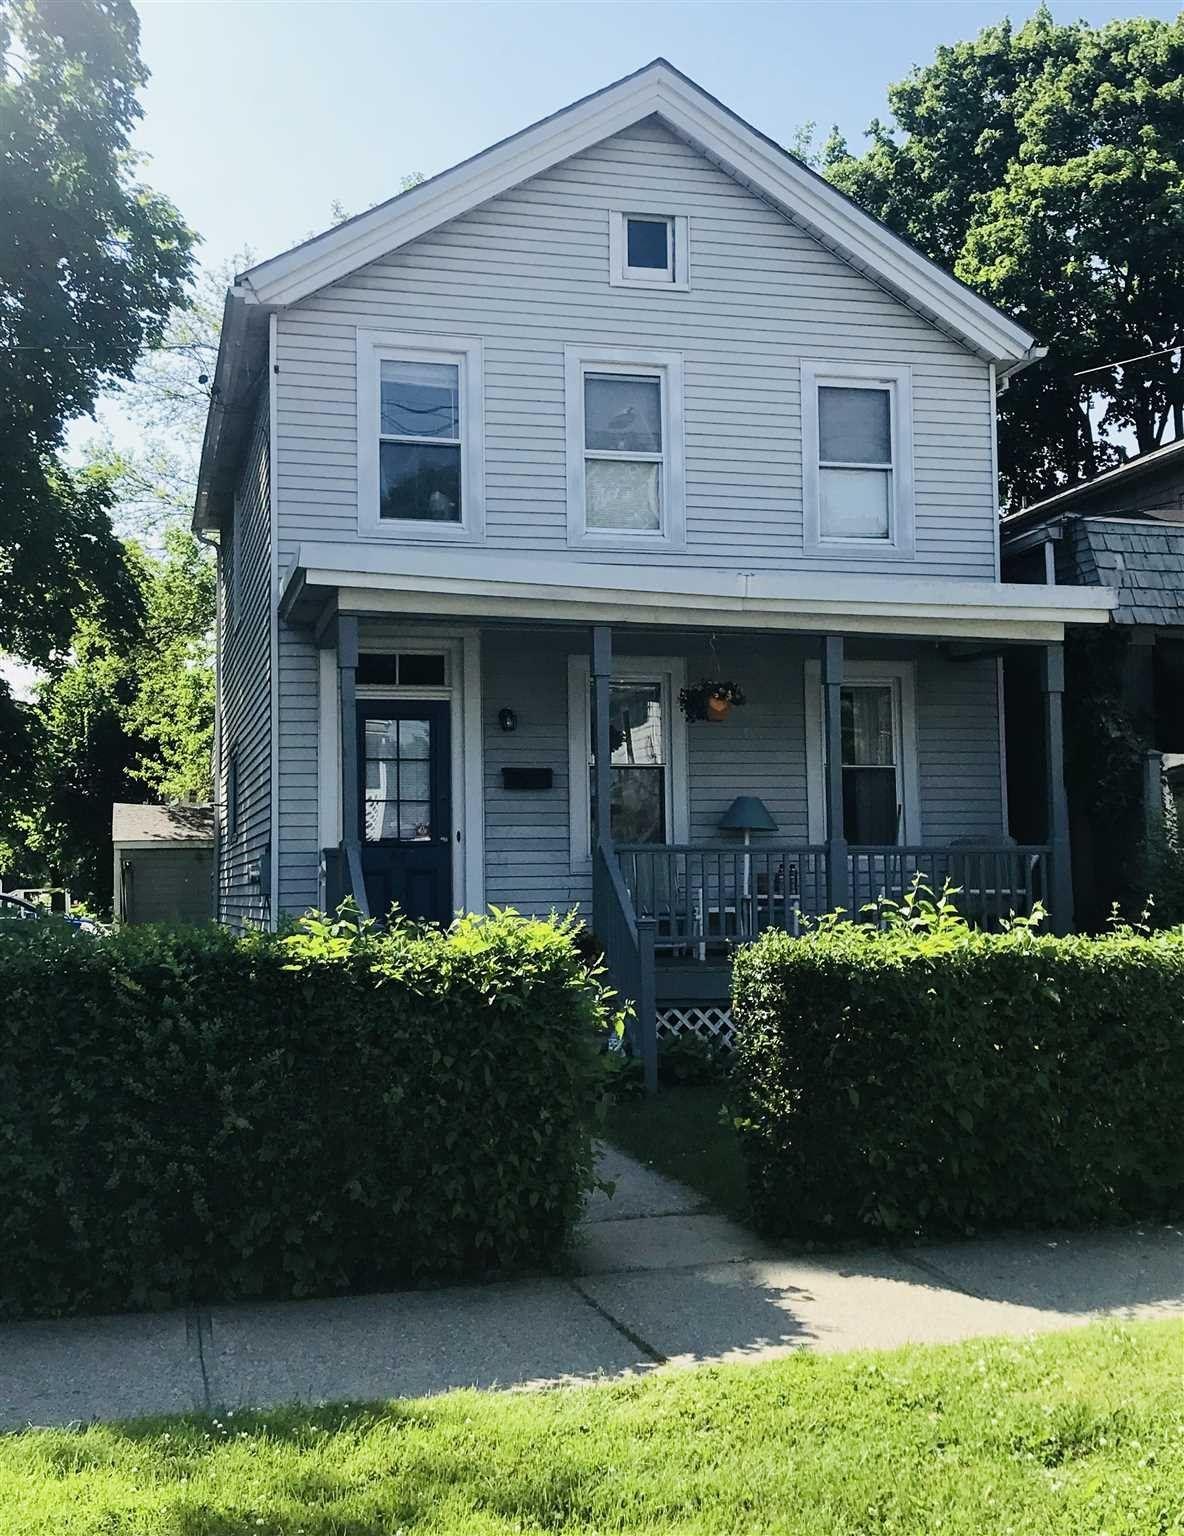 68 WORRALL AVE, Poughkeepsie, NY 12601 - #: 399801